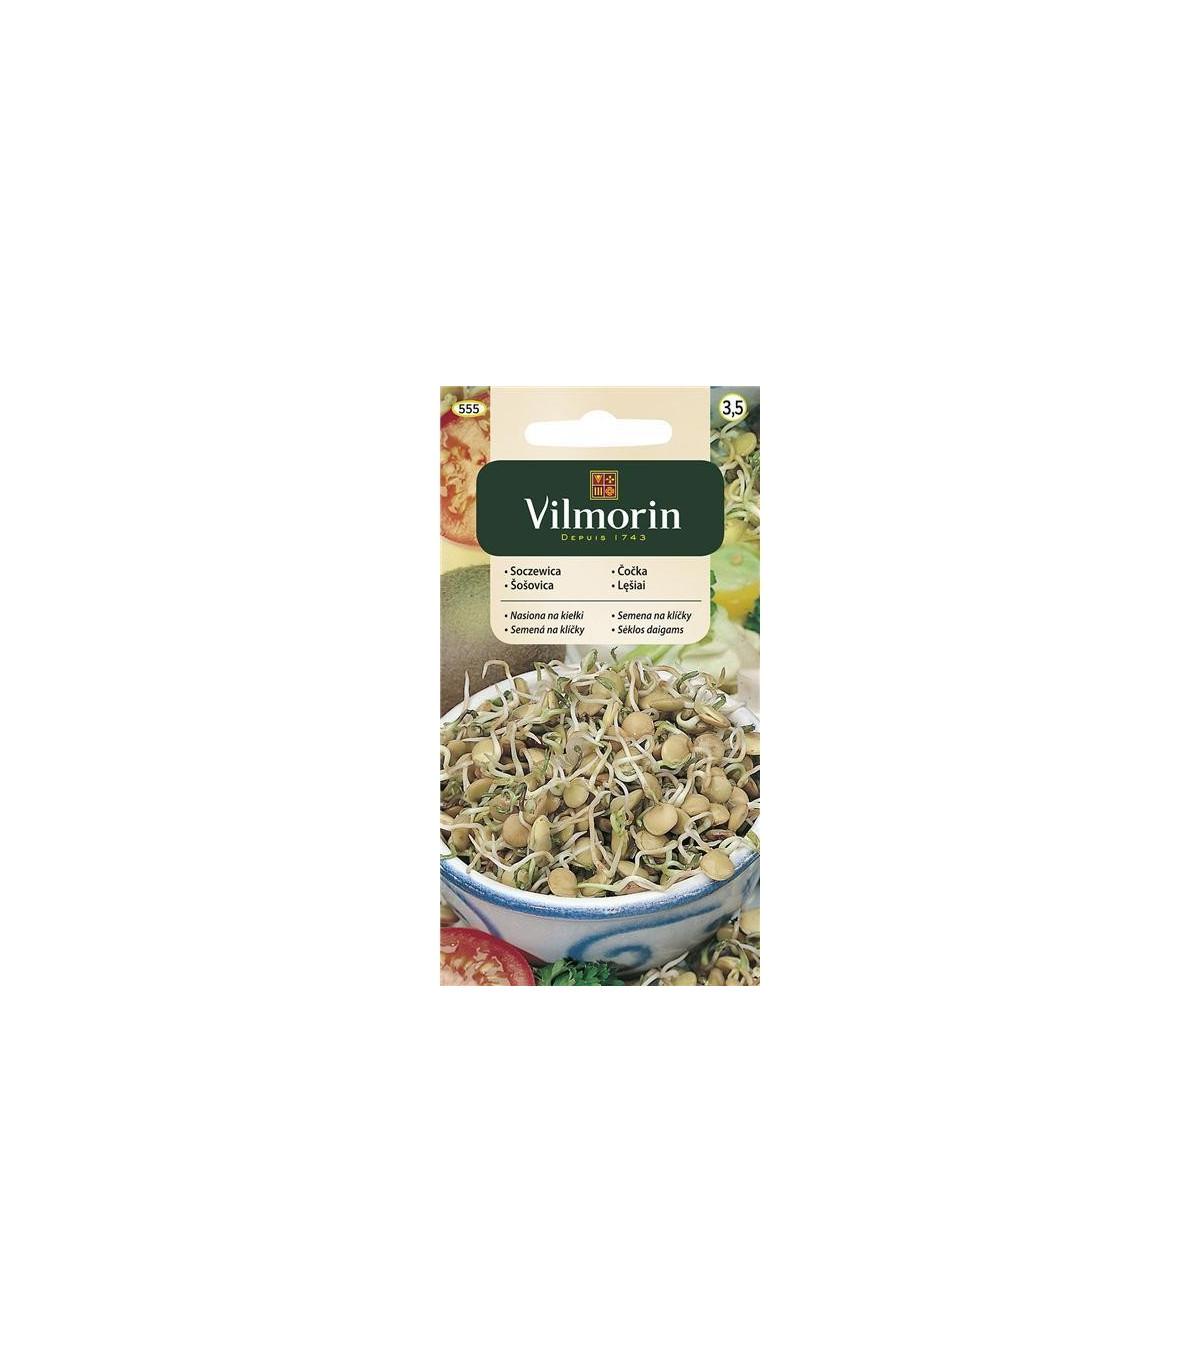 Semená na klíčky - Šošovica - Vilmorin - 20 g